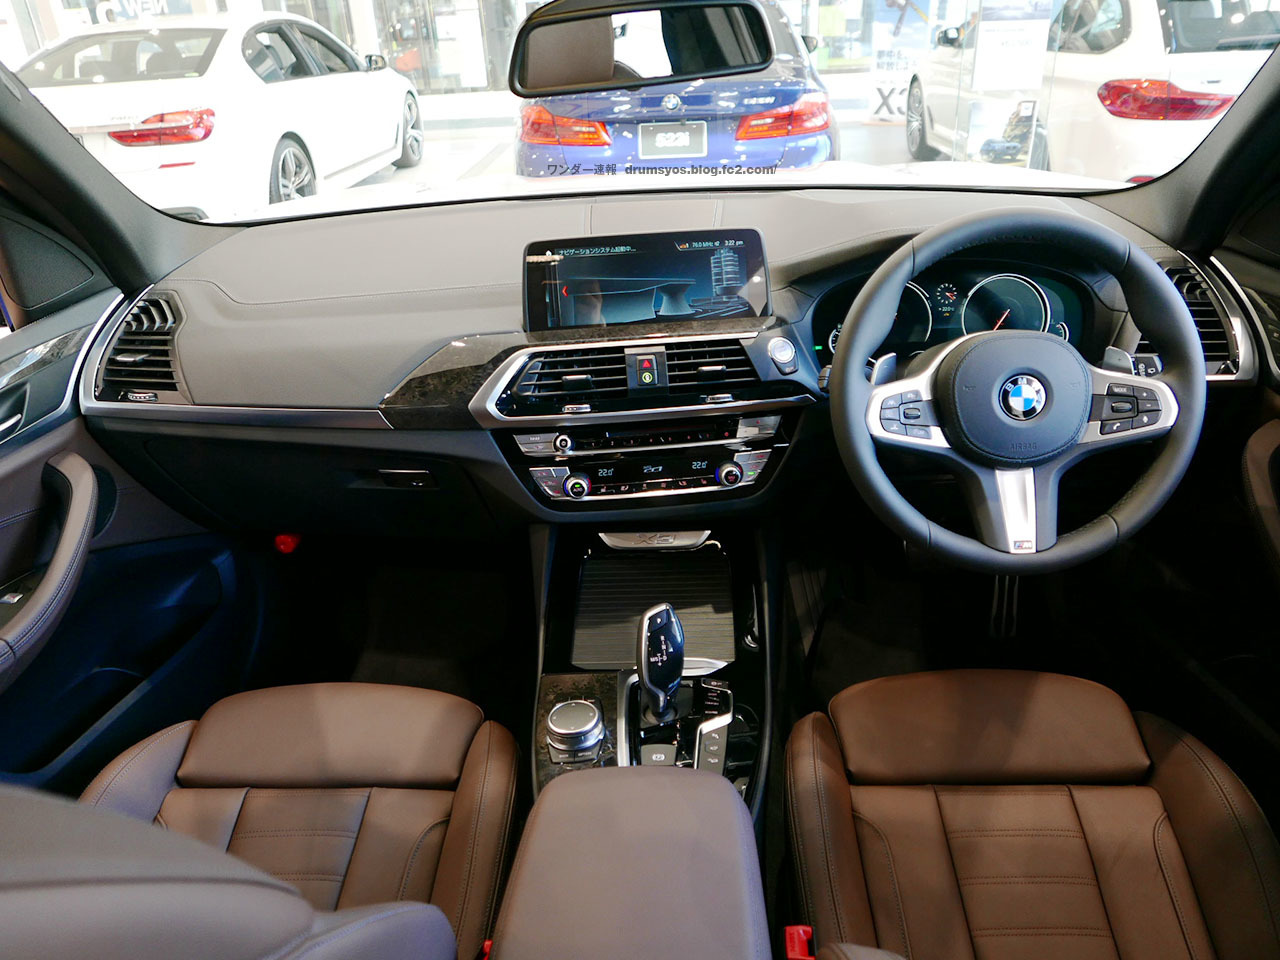 BMWX3_07_201801011350270d0.jpg